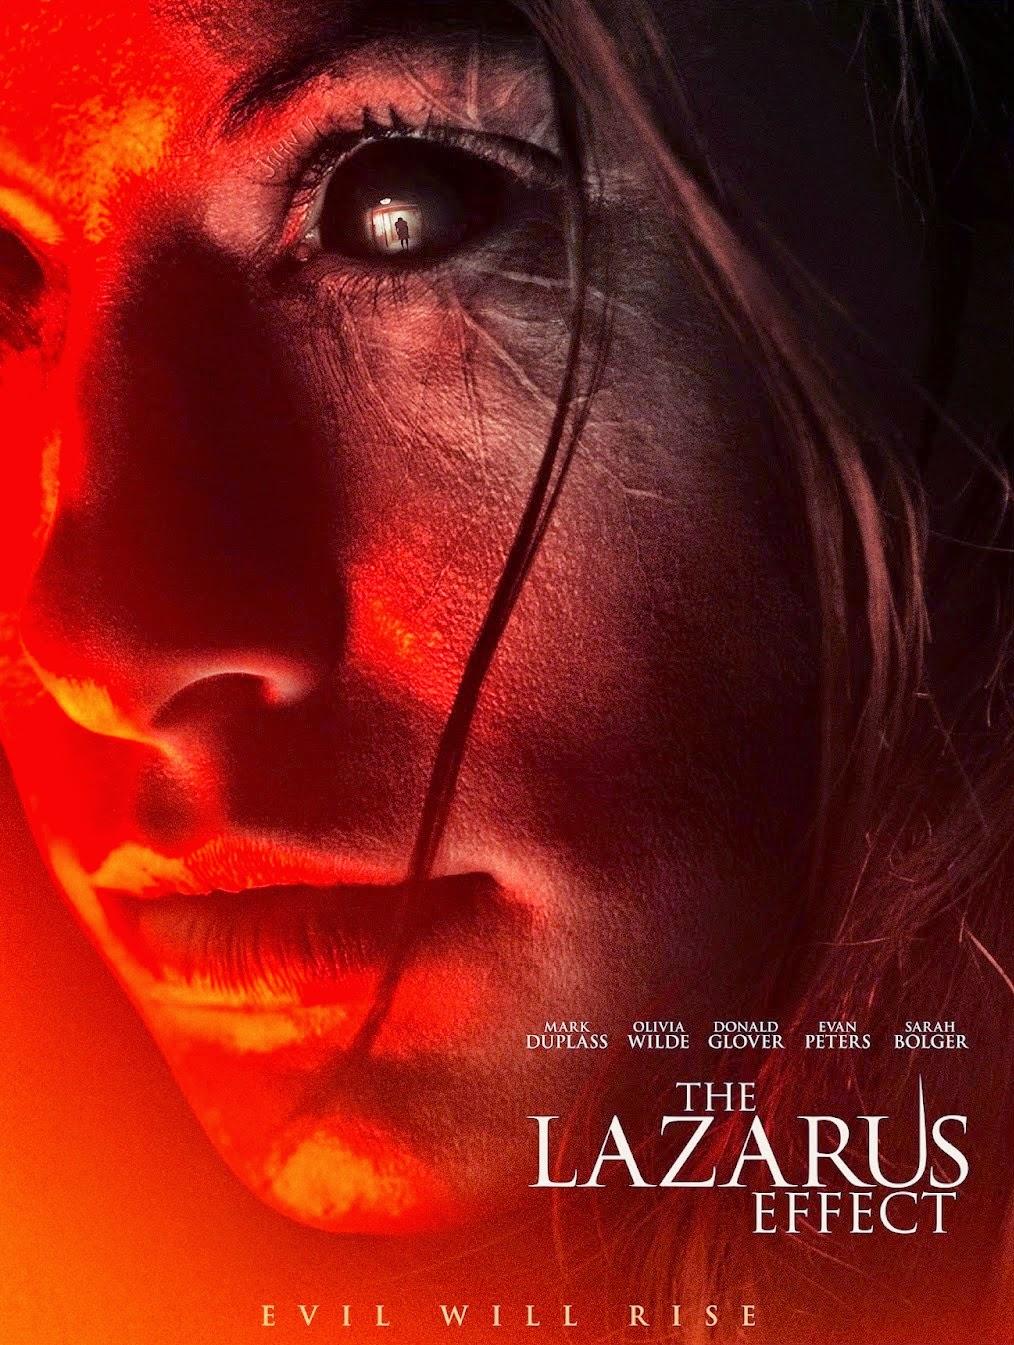 دانلود رايگان فيلم The Lazarus Effect 2015 + دانلود فیلم The Lazarus Effect 2015 + دانلود فیلم The Lazarus Effect 2015 با زیرنویس فارسی + دانلود فیلم The Lazarus Effect 2015 با لینک مستقیم + فیلم تو مووی